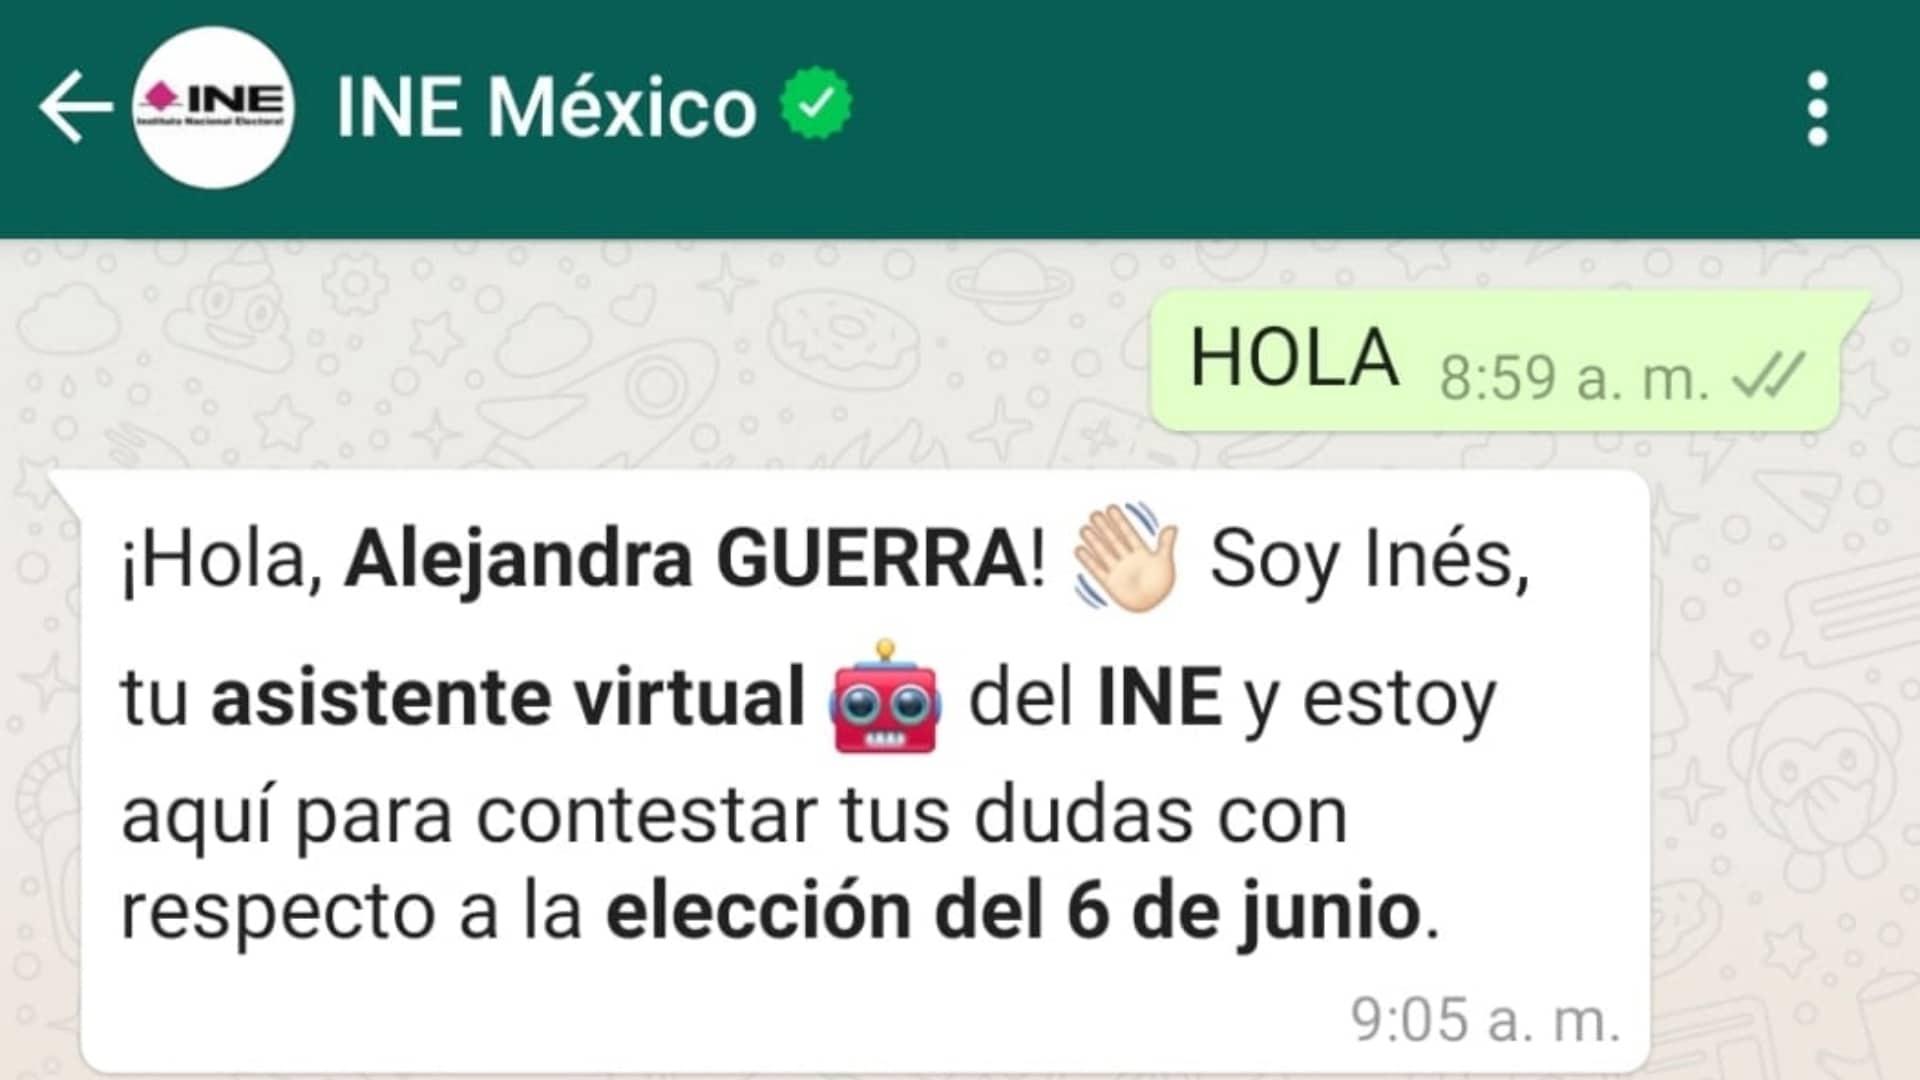 el-ine-tendra-bot-en-whatsapp-para-la-eleccion-del-6-de-junio